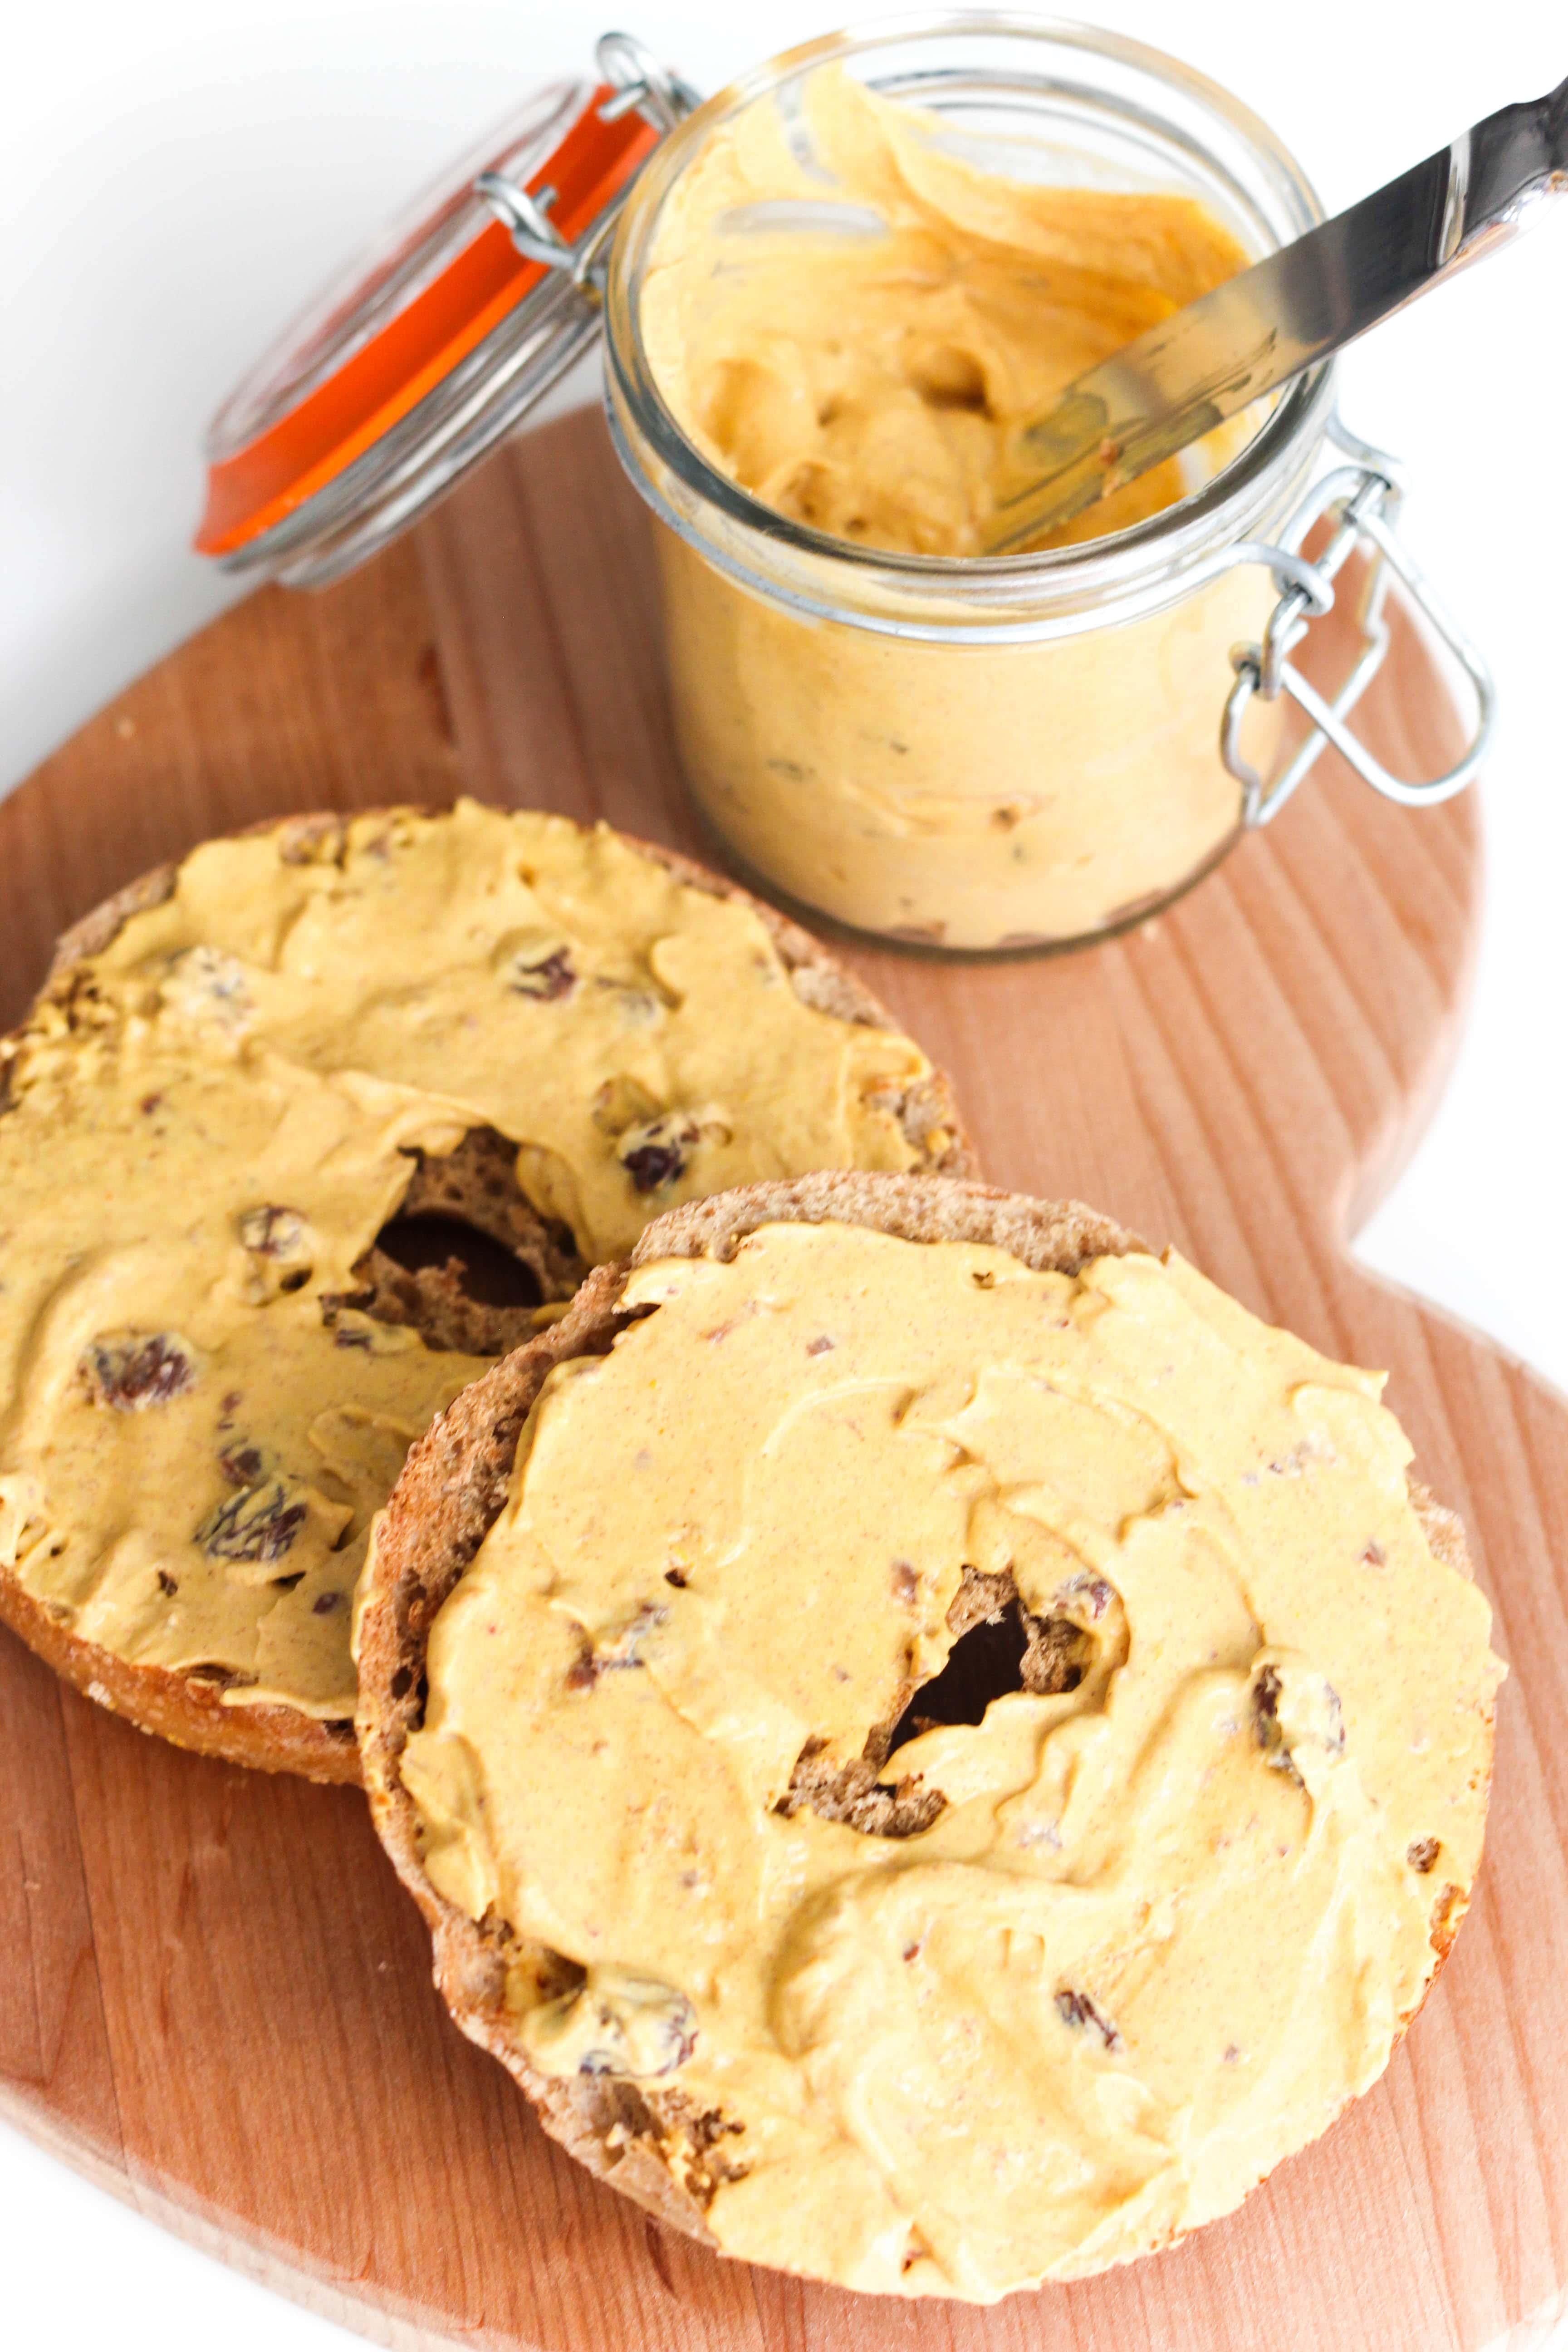 Cinnamon Raisin Pumpkin Cream Cheese Spread Walder Wellness Rd